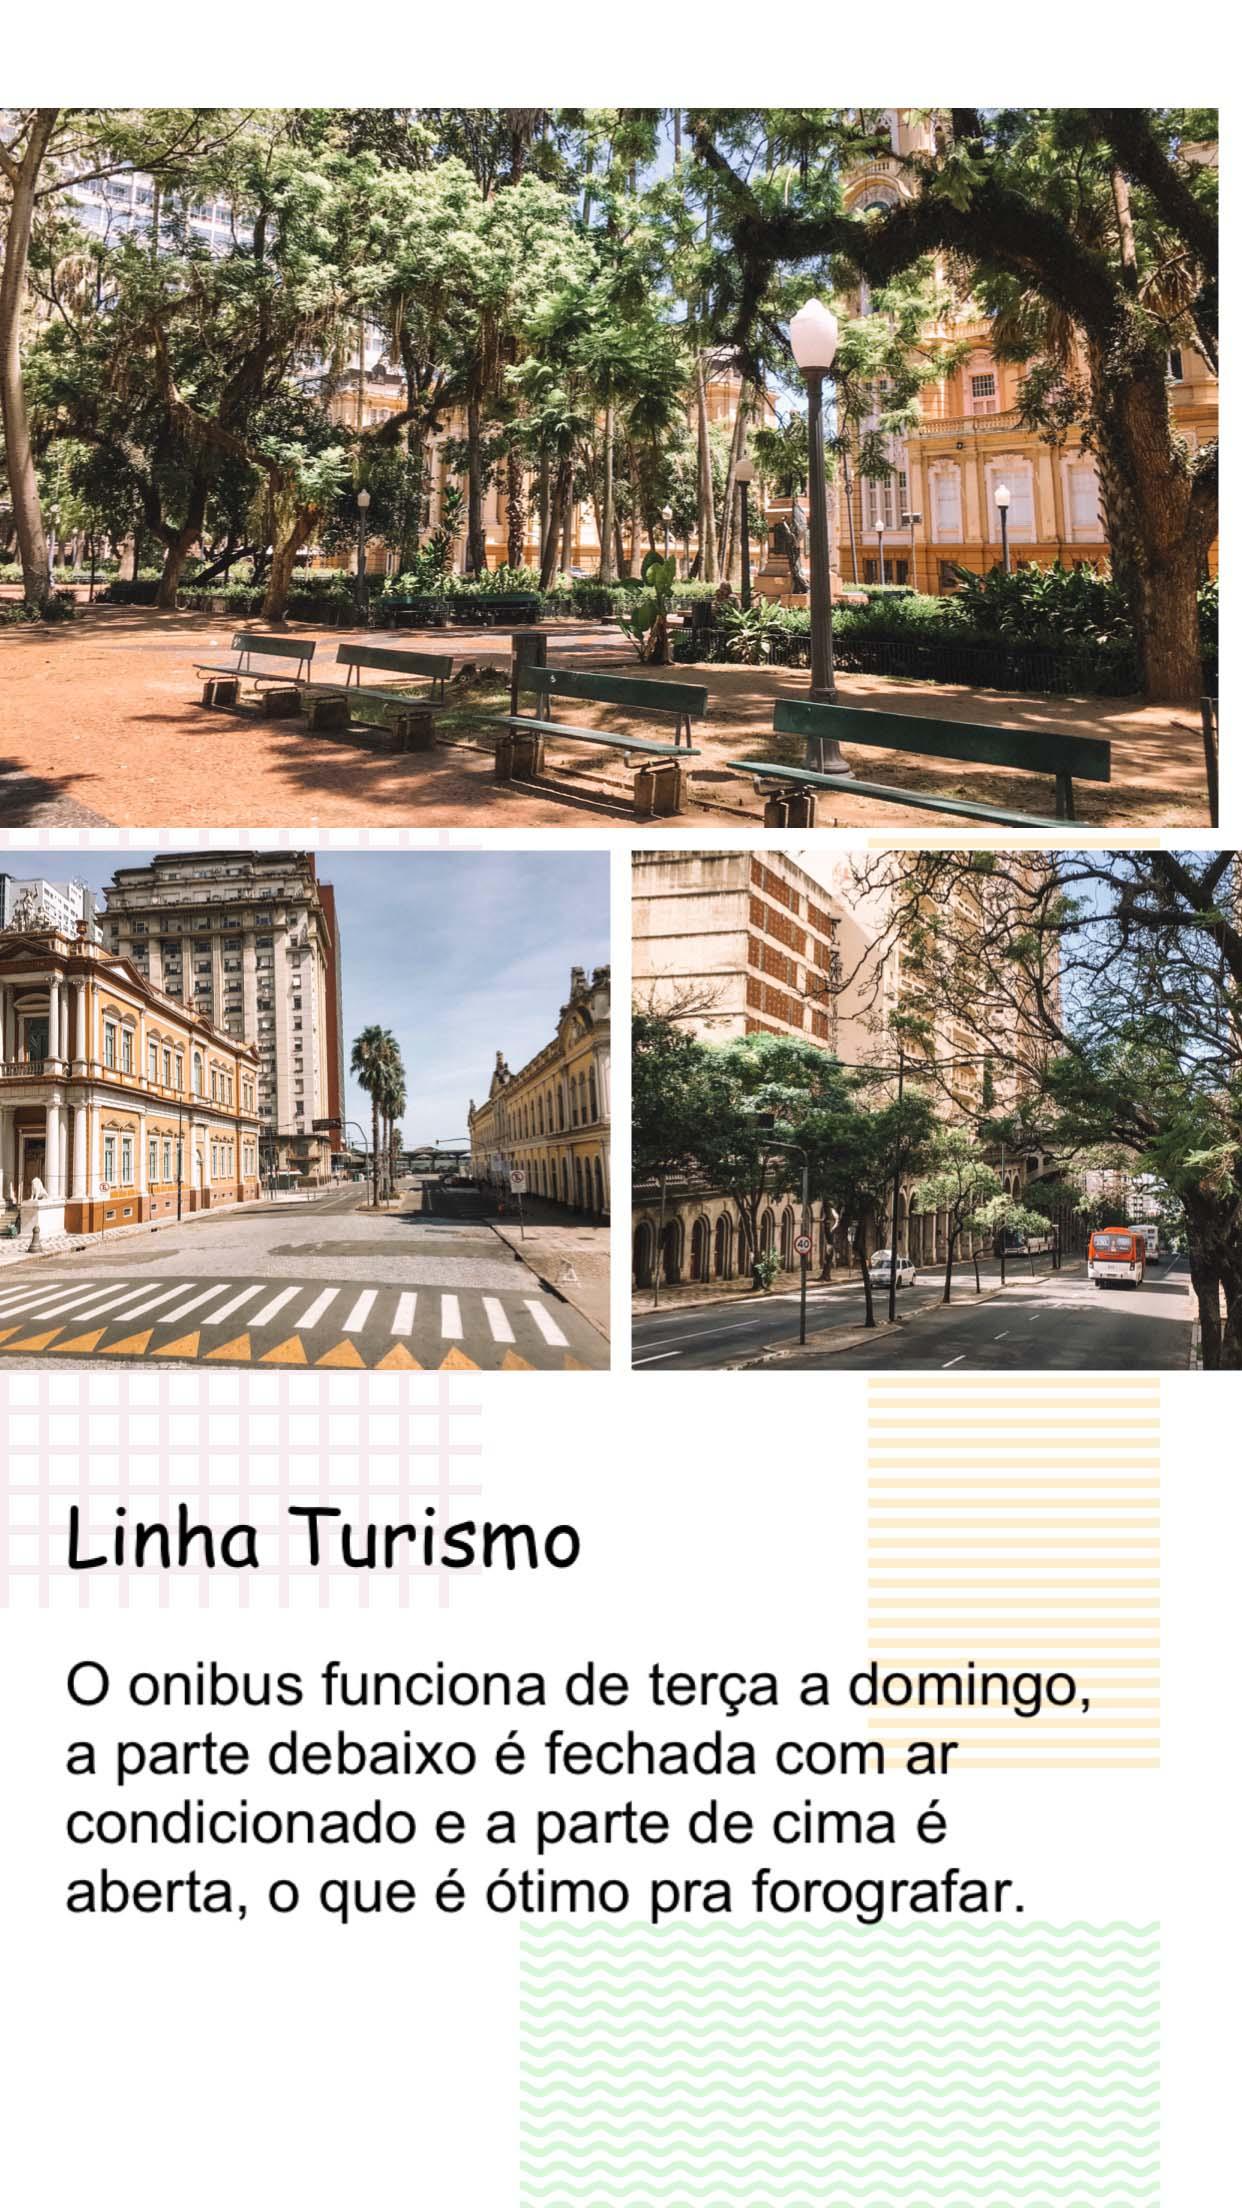 Linha Turismo Porto Alegre 165.jpg